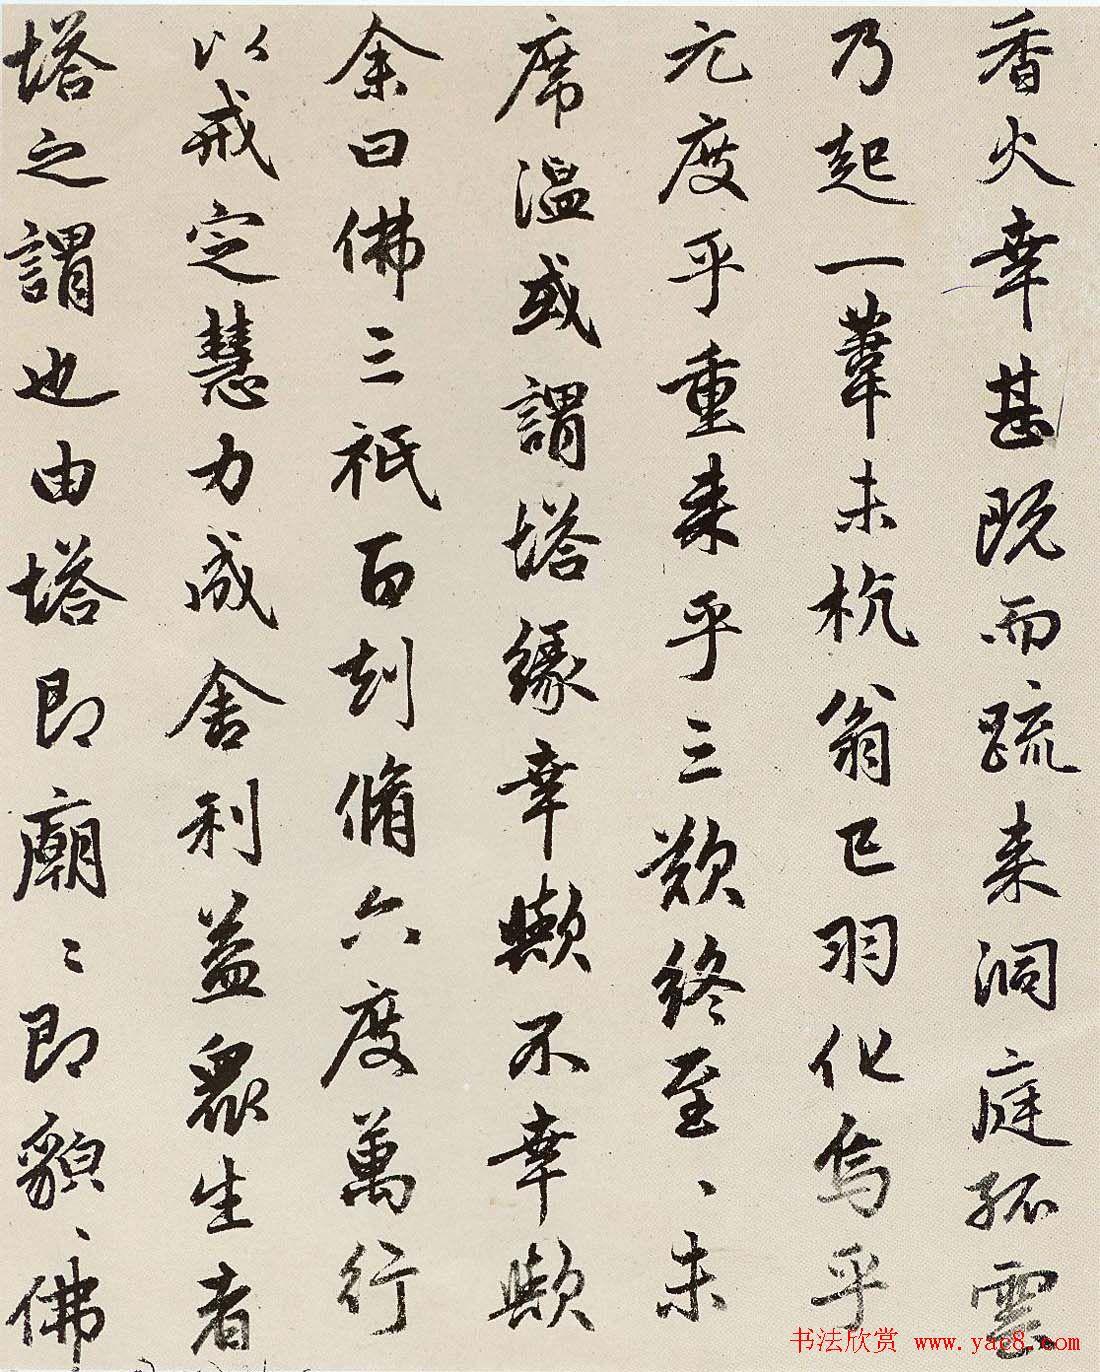 赵孟頫晚年行书作品《光福寺重建塔记》